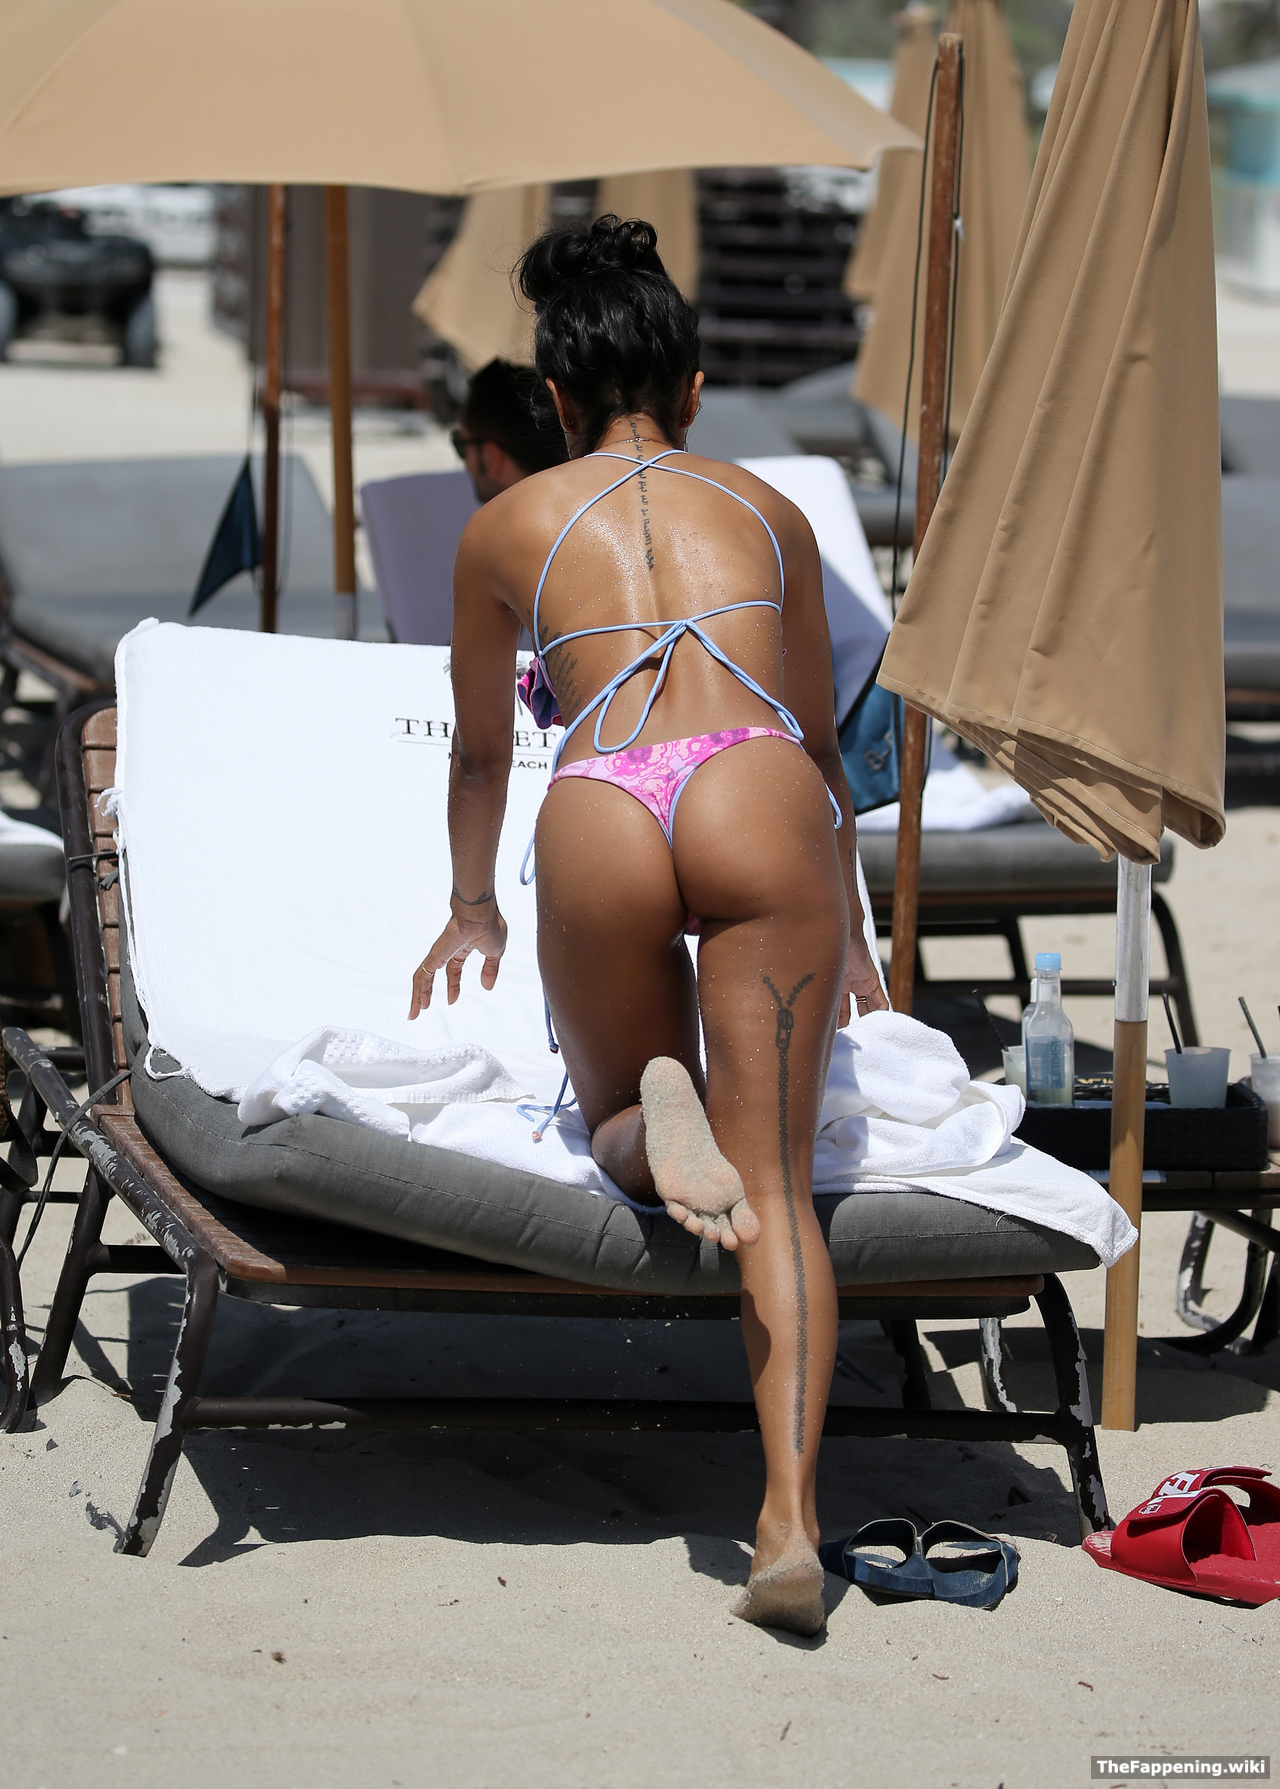 images naked Khloe kardashian